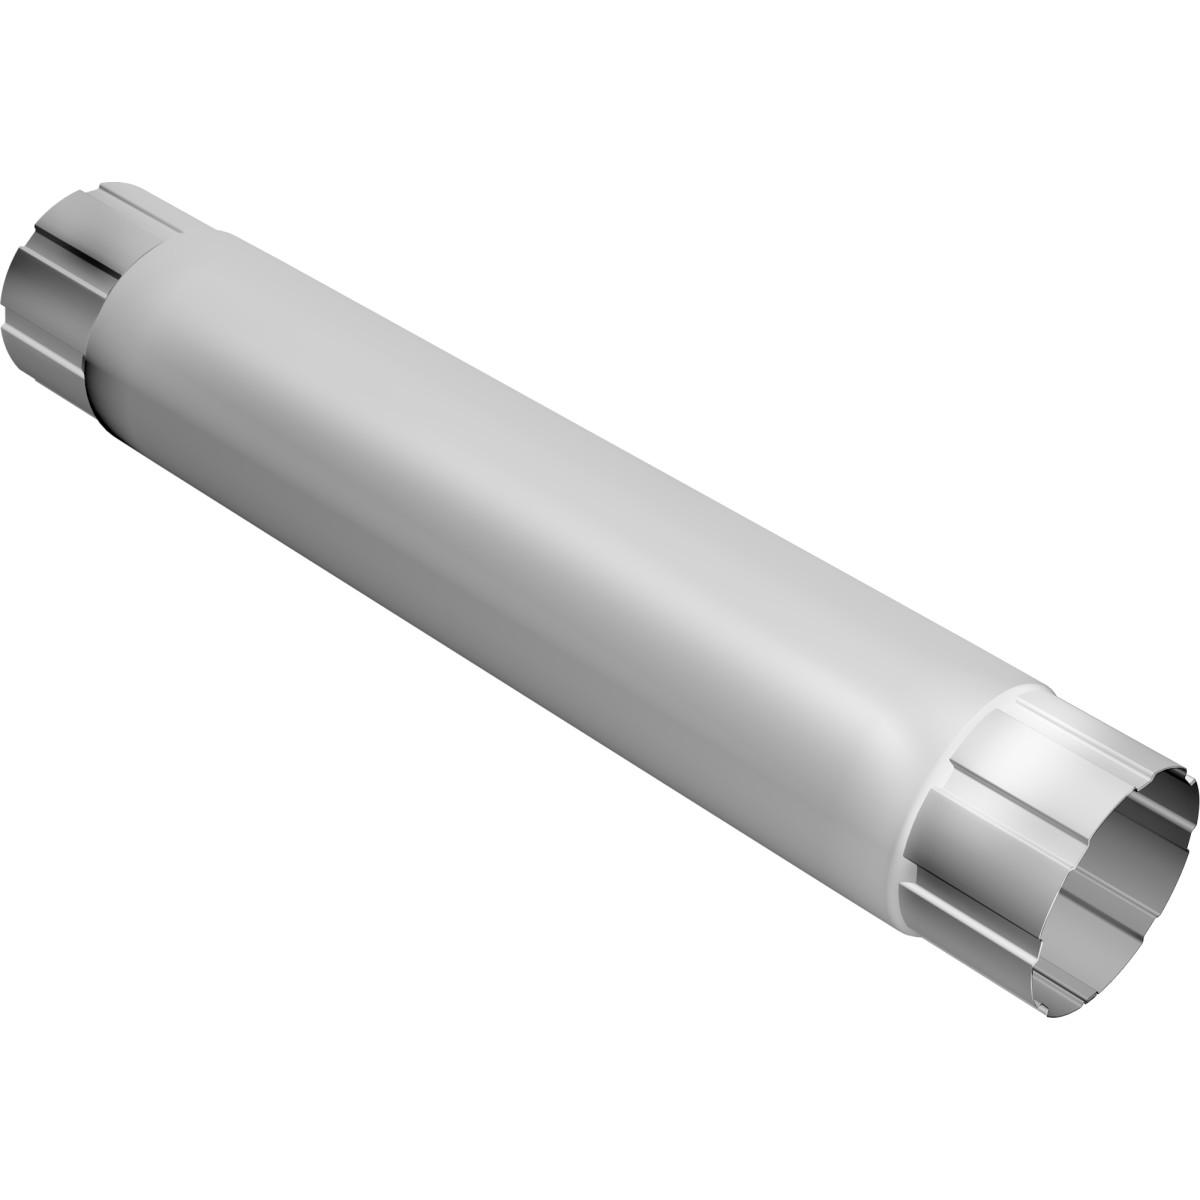 Труба круглая соединительная 90х1000 мм цвет сигнальный белый